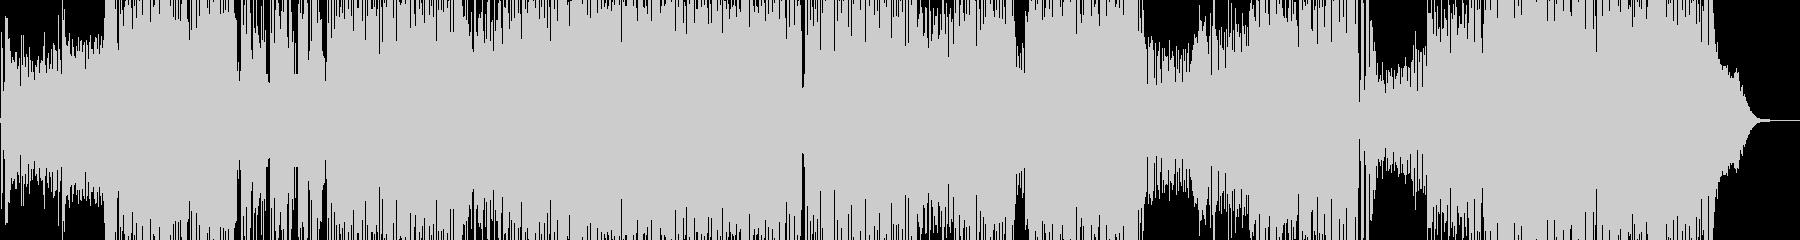 夏を彩るミックスポップ ピアノソロ無A+の未再生の波形